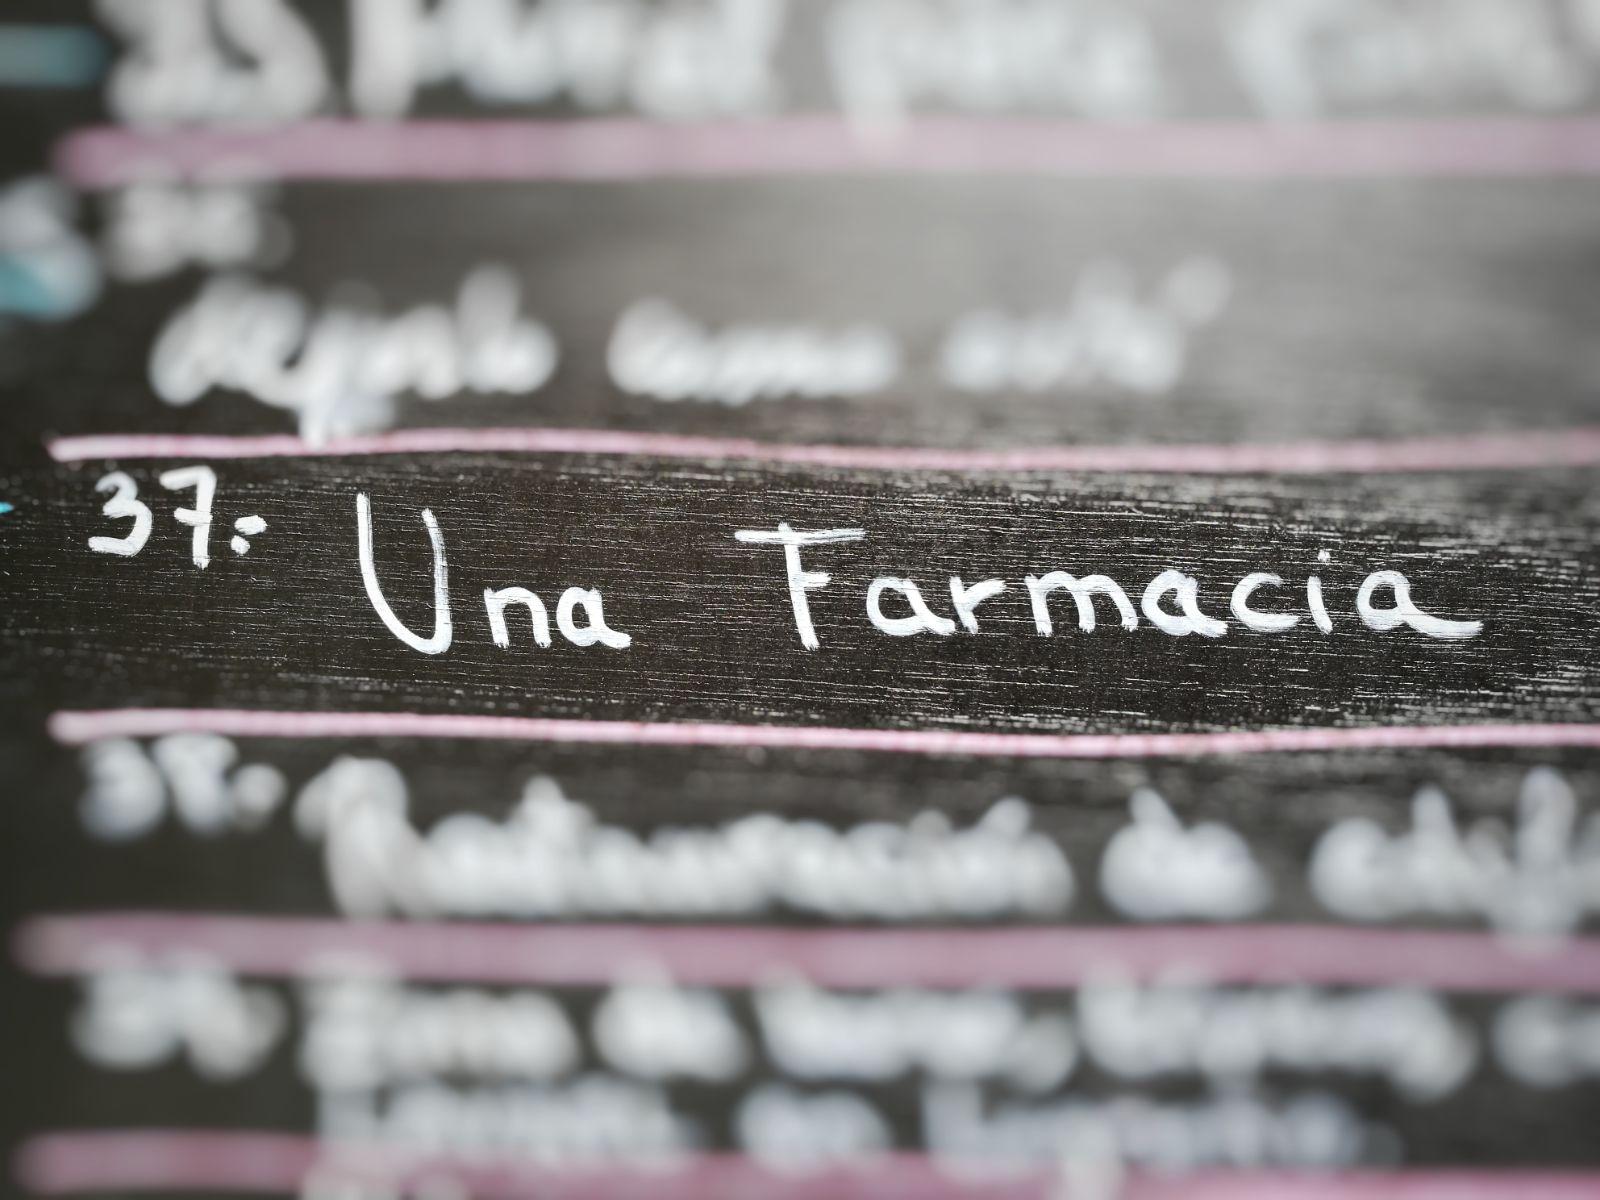 4 recuerdos y 5 ideas para mejorar el Casco Viejo de Soria   Imagen 5